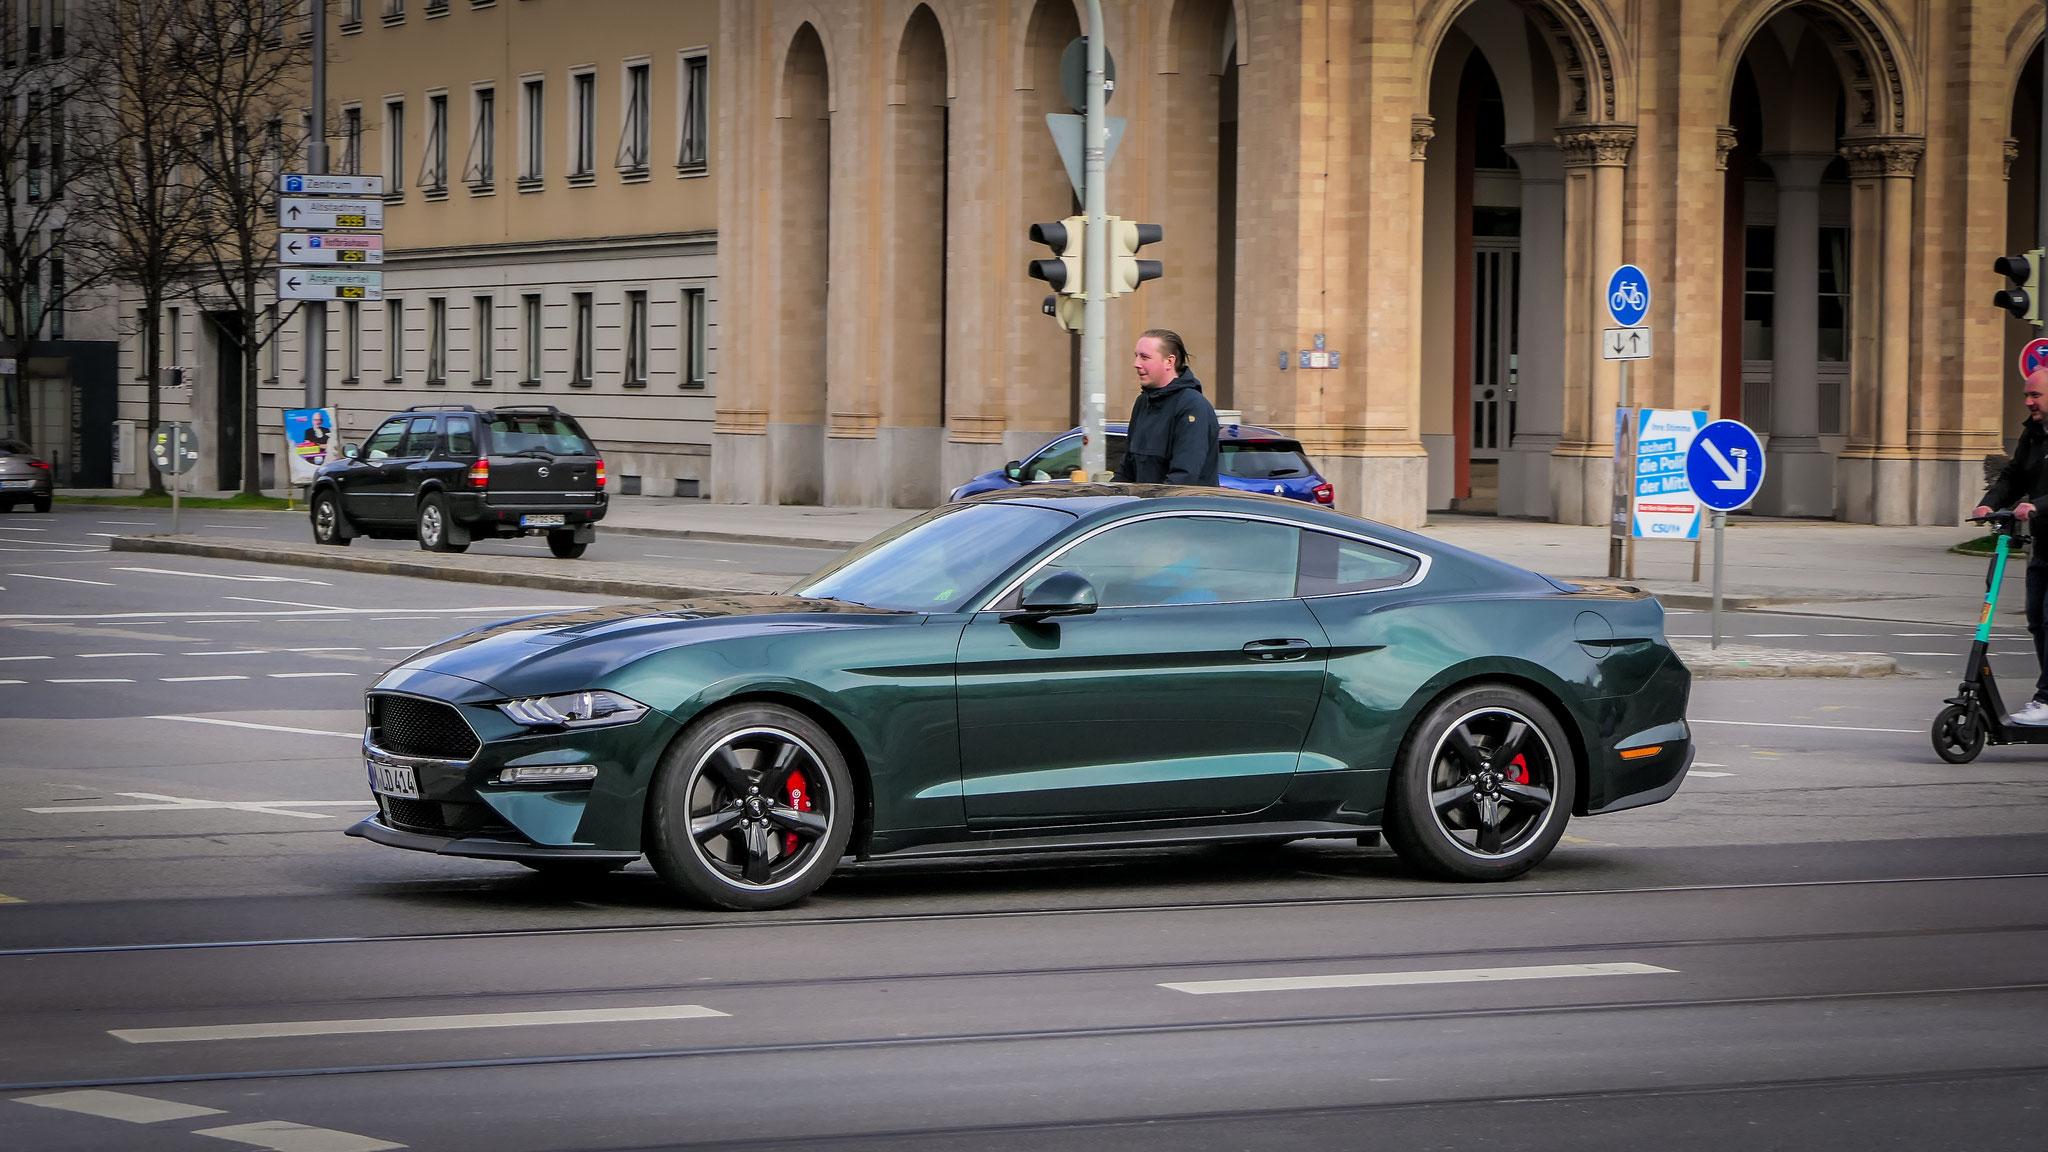 Ford Mustang Bullitt - M-LD-414